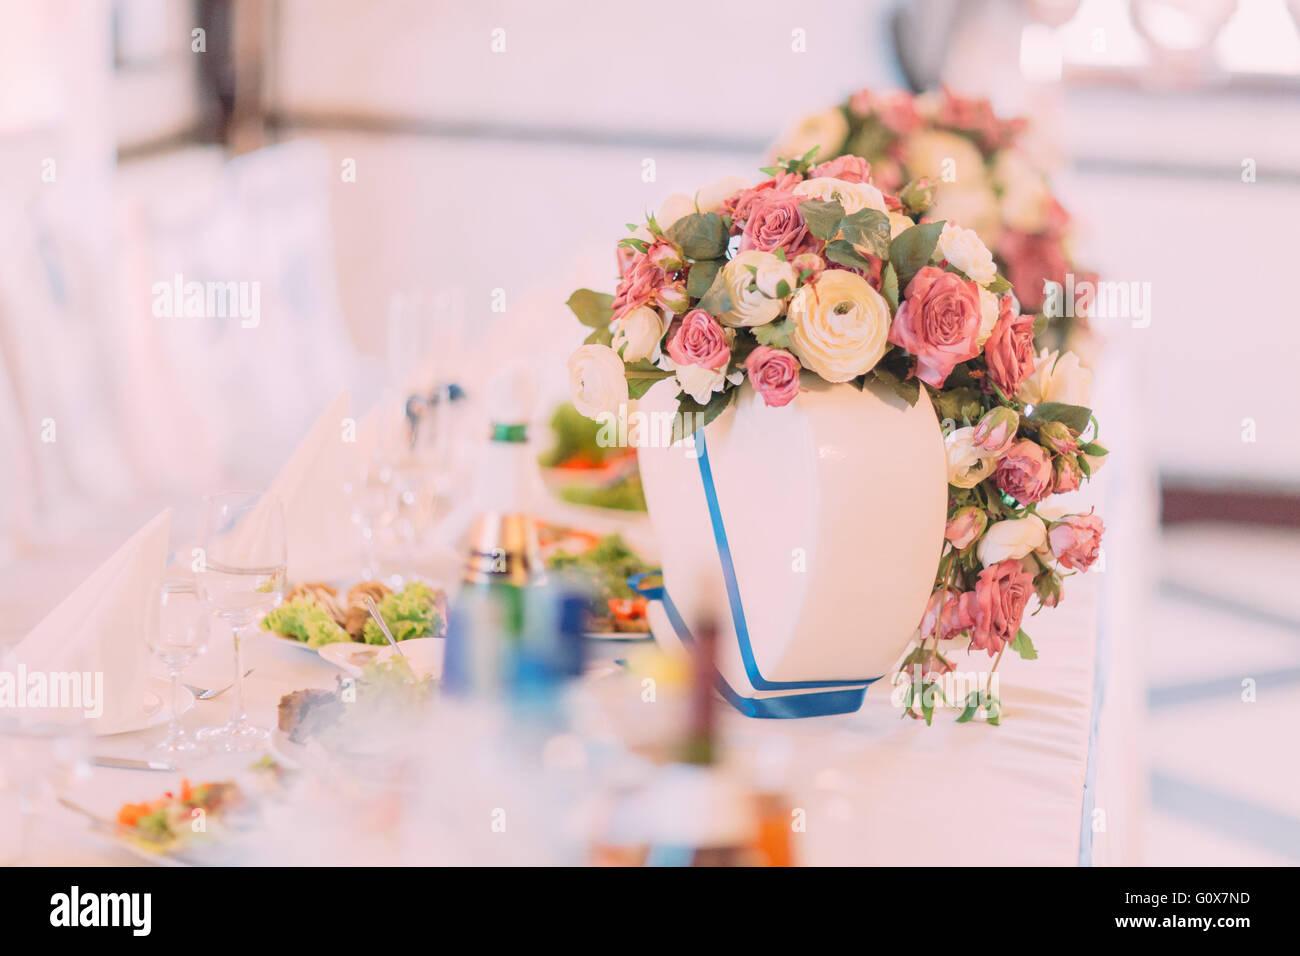 Hochzeit Tisch Dekoriert Mit Rosa Rosen Fur Feines Essen Oder Ein